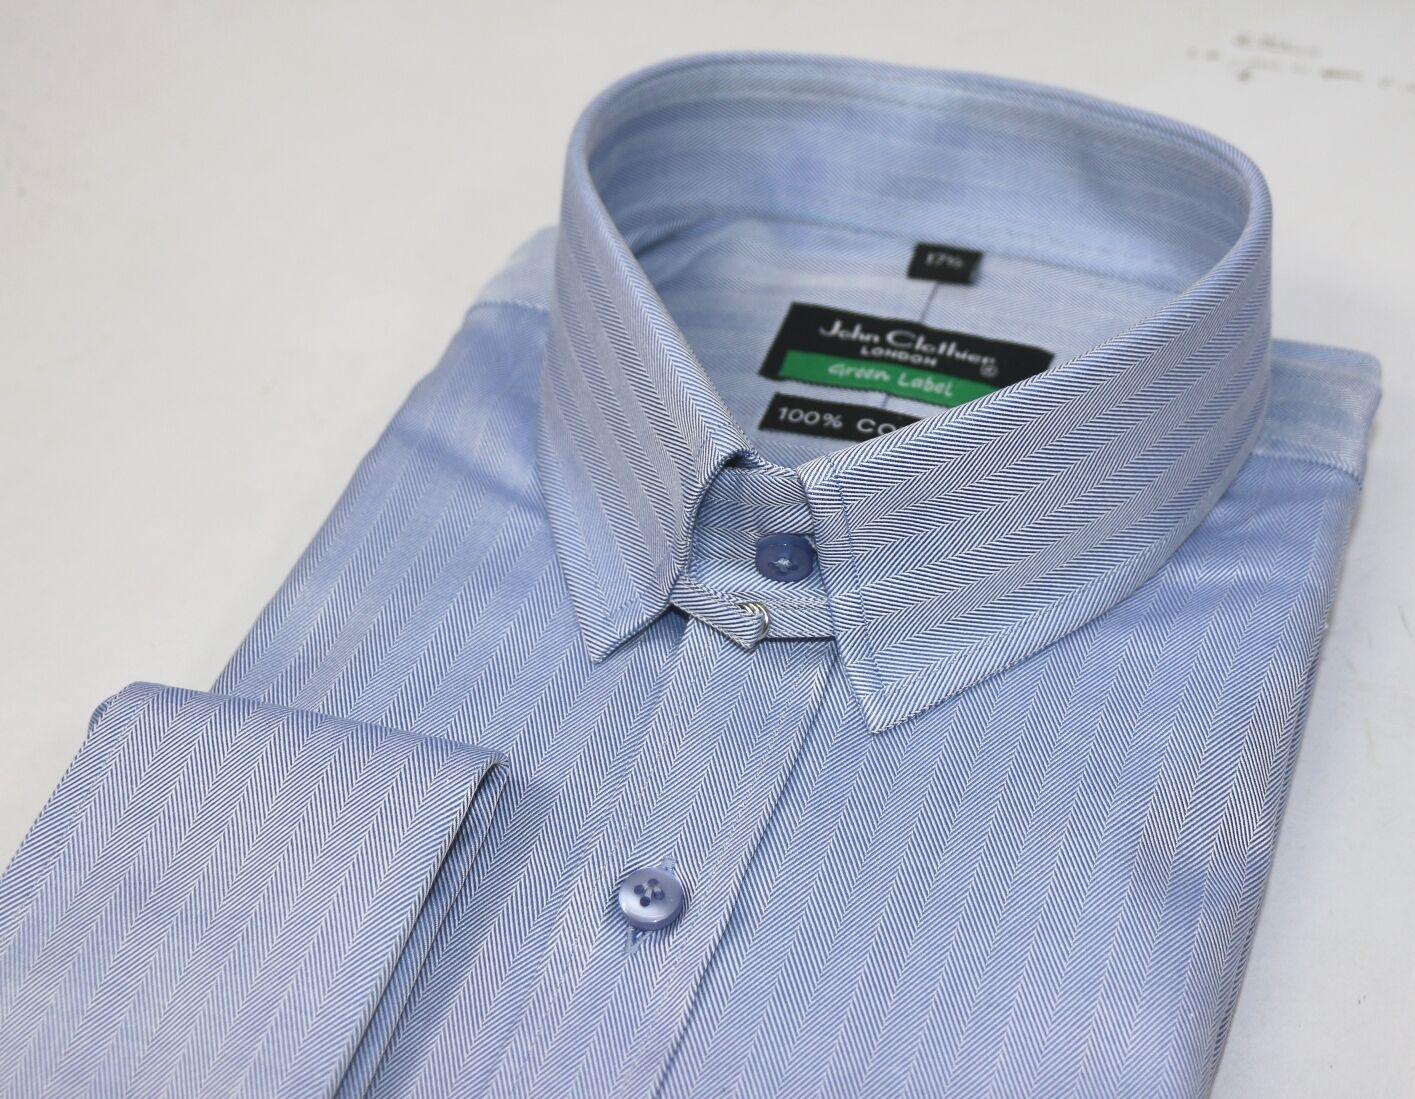 Herren Tab Kragen Weiß Hemd Manschettenknöpfe Fischgrätenmuster Loop Bond James